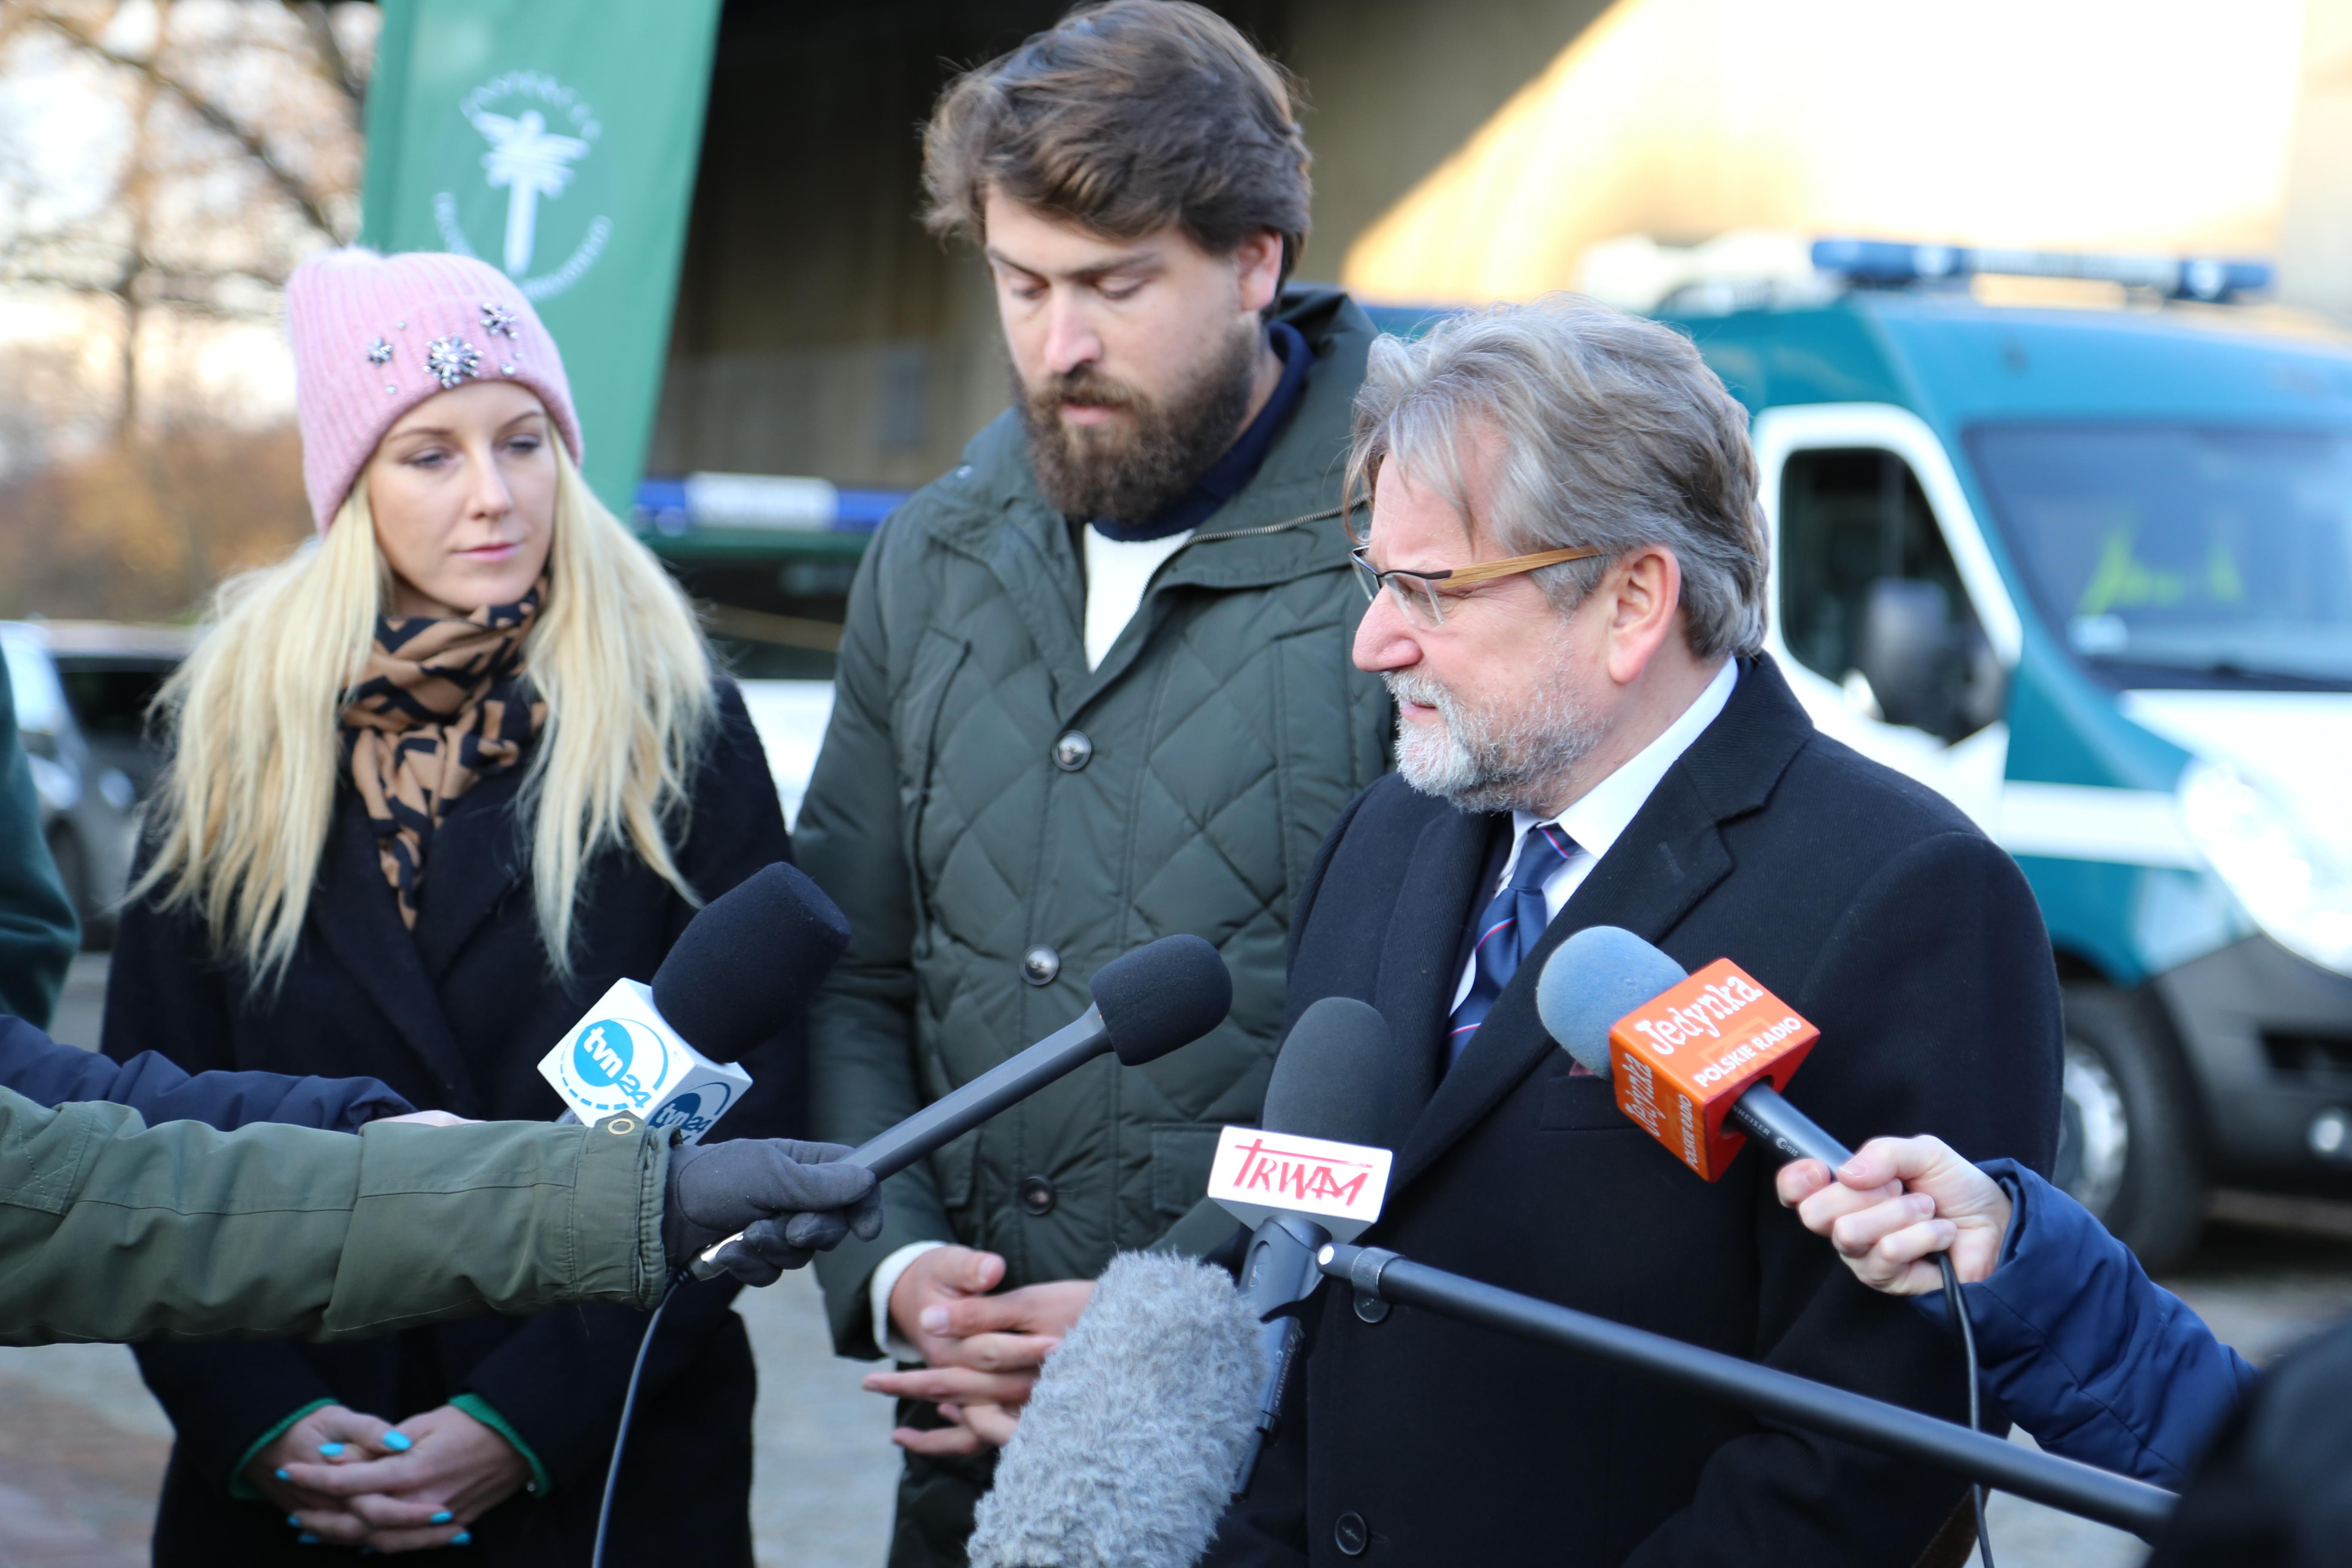 O tym jaki wpływ ma stan zdrowia kierowców na bezpieczeństwo ruch drogowego mówili także Alvin Gajadhur Główny Inspektor Transportu Drogowego i Jarosław Pinkas Główny Inspektor Sanitarny (fot. gis.gov.pl)